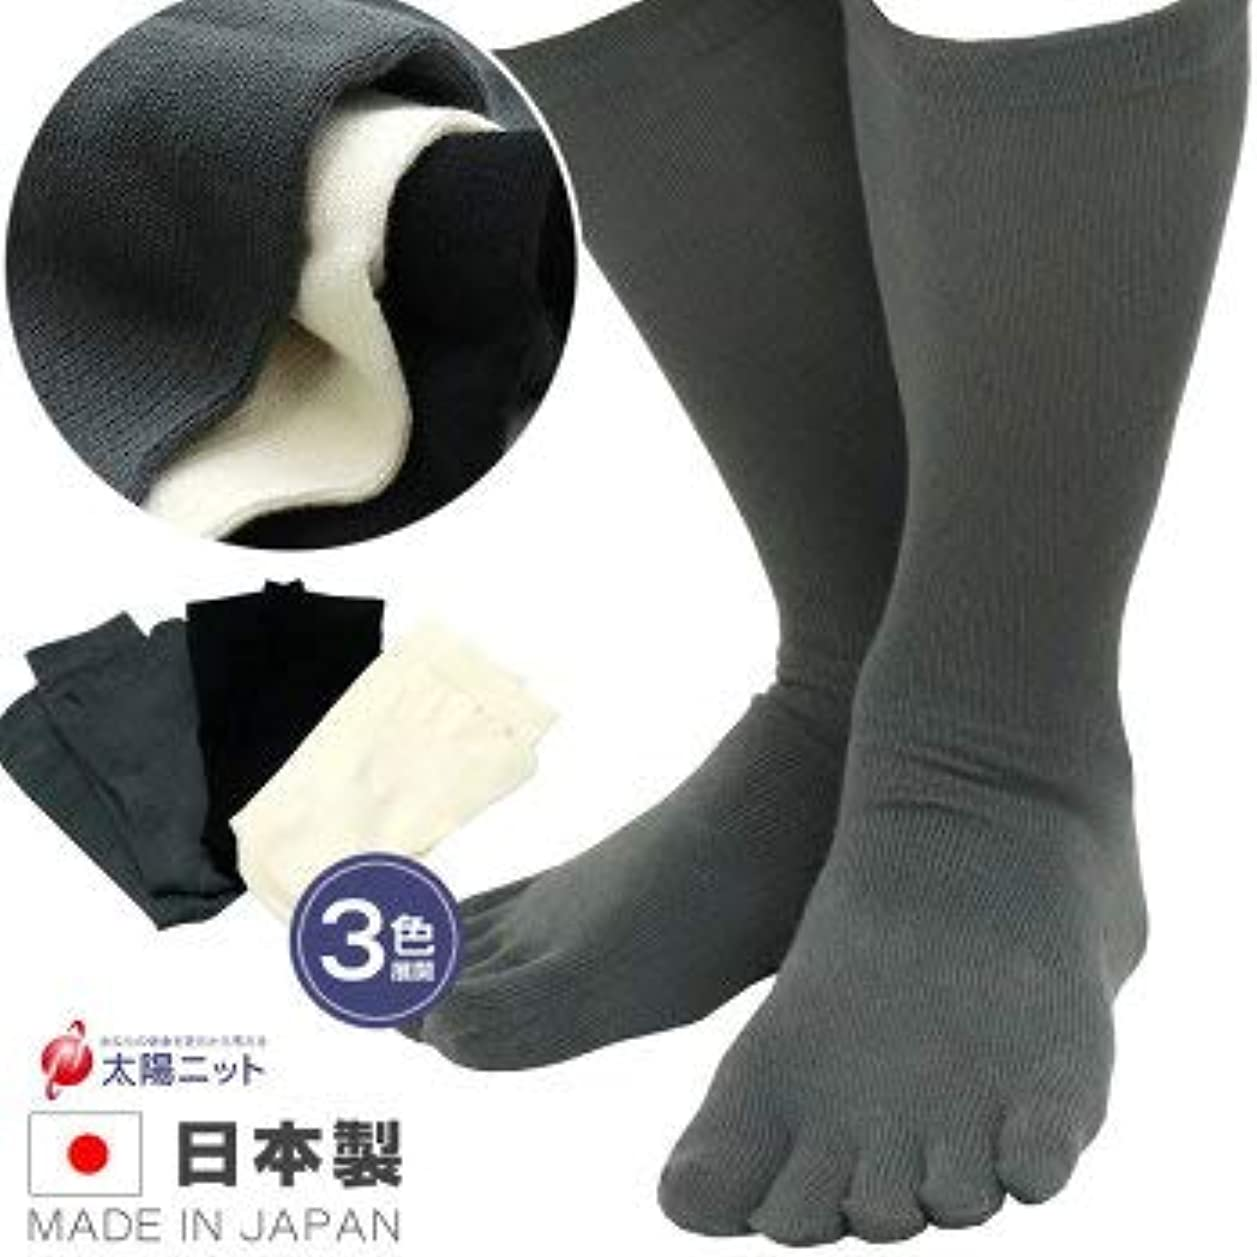 きしむ経験リス男性用 綿100% 5本指 靴下 におい ムレ 対策 24-26㎝ 太陽ニッ ト321 (ホワイト)